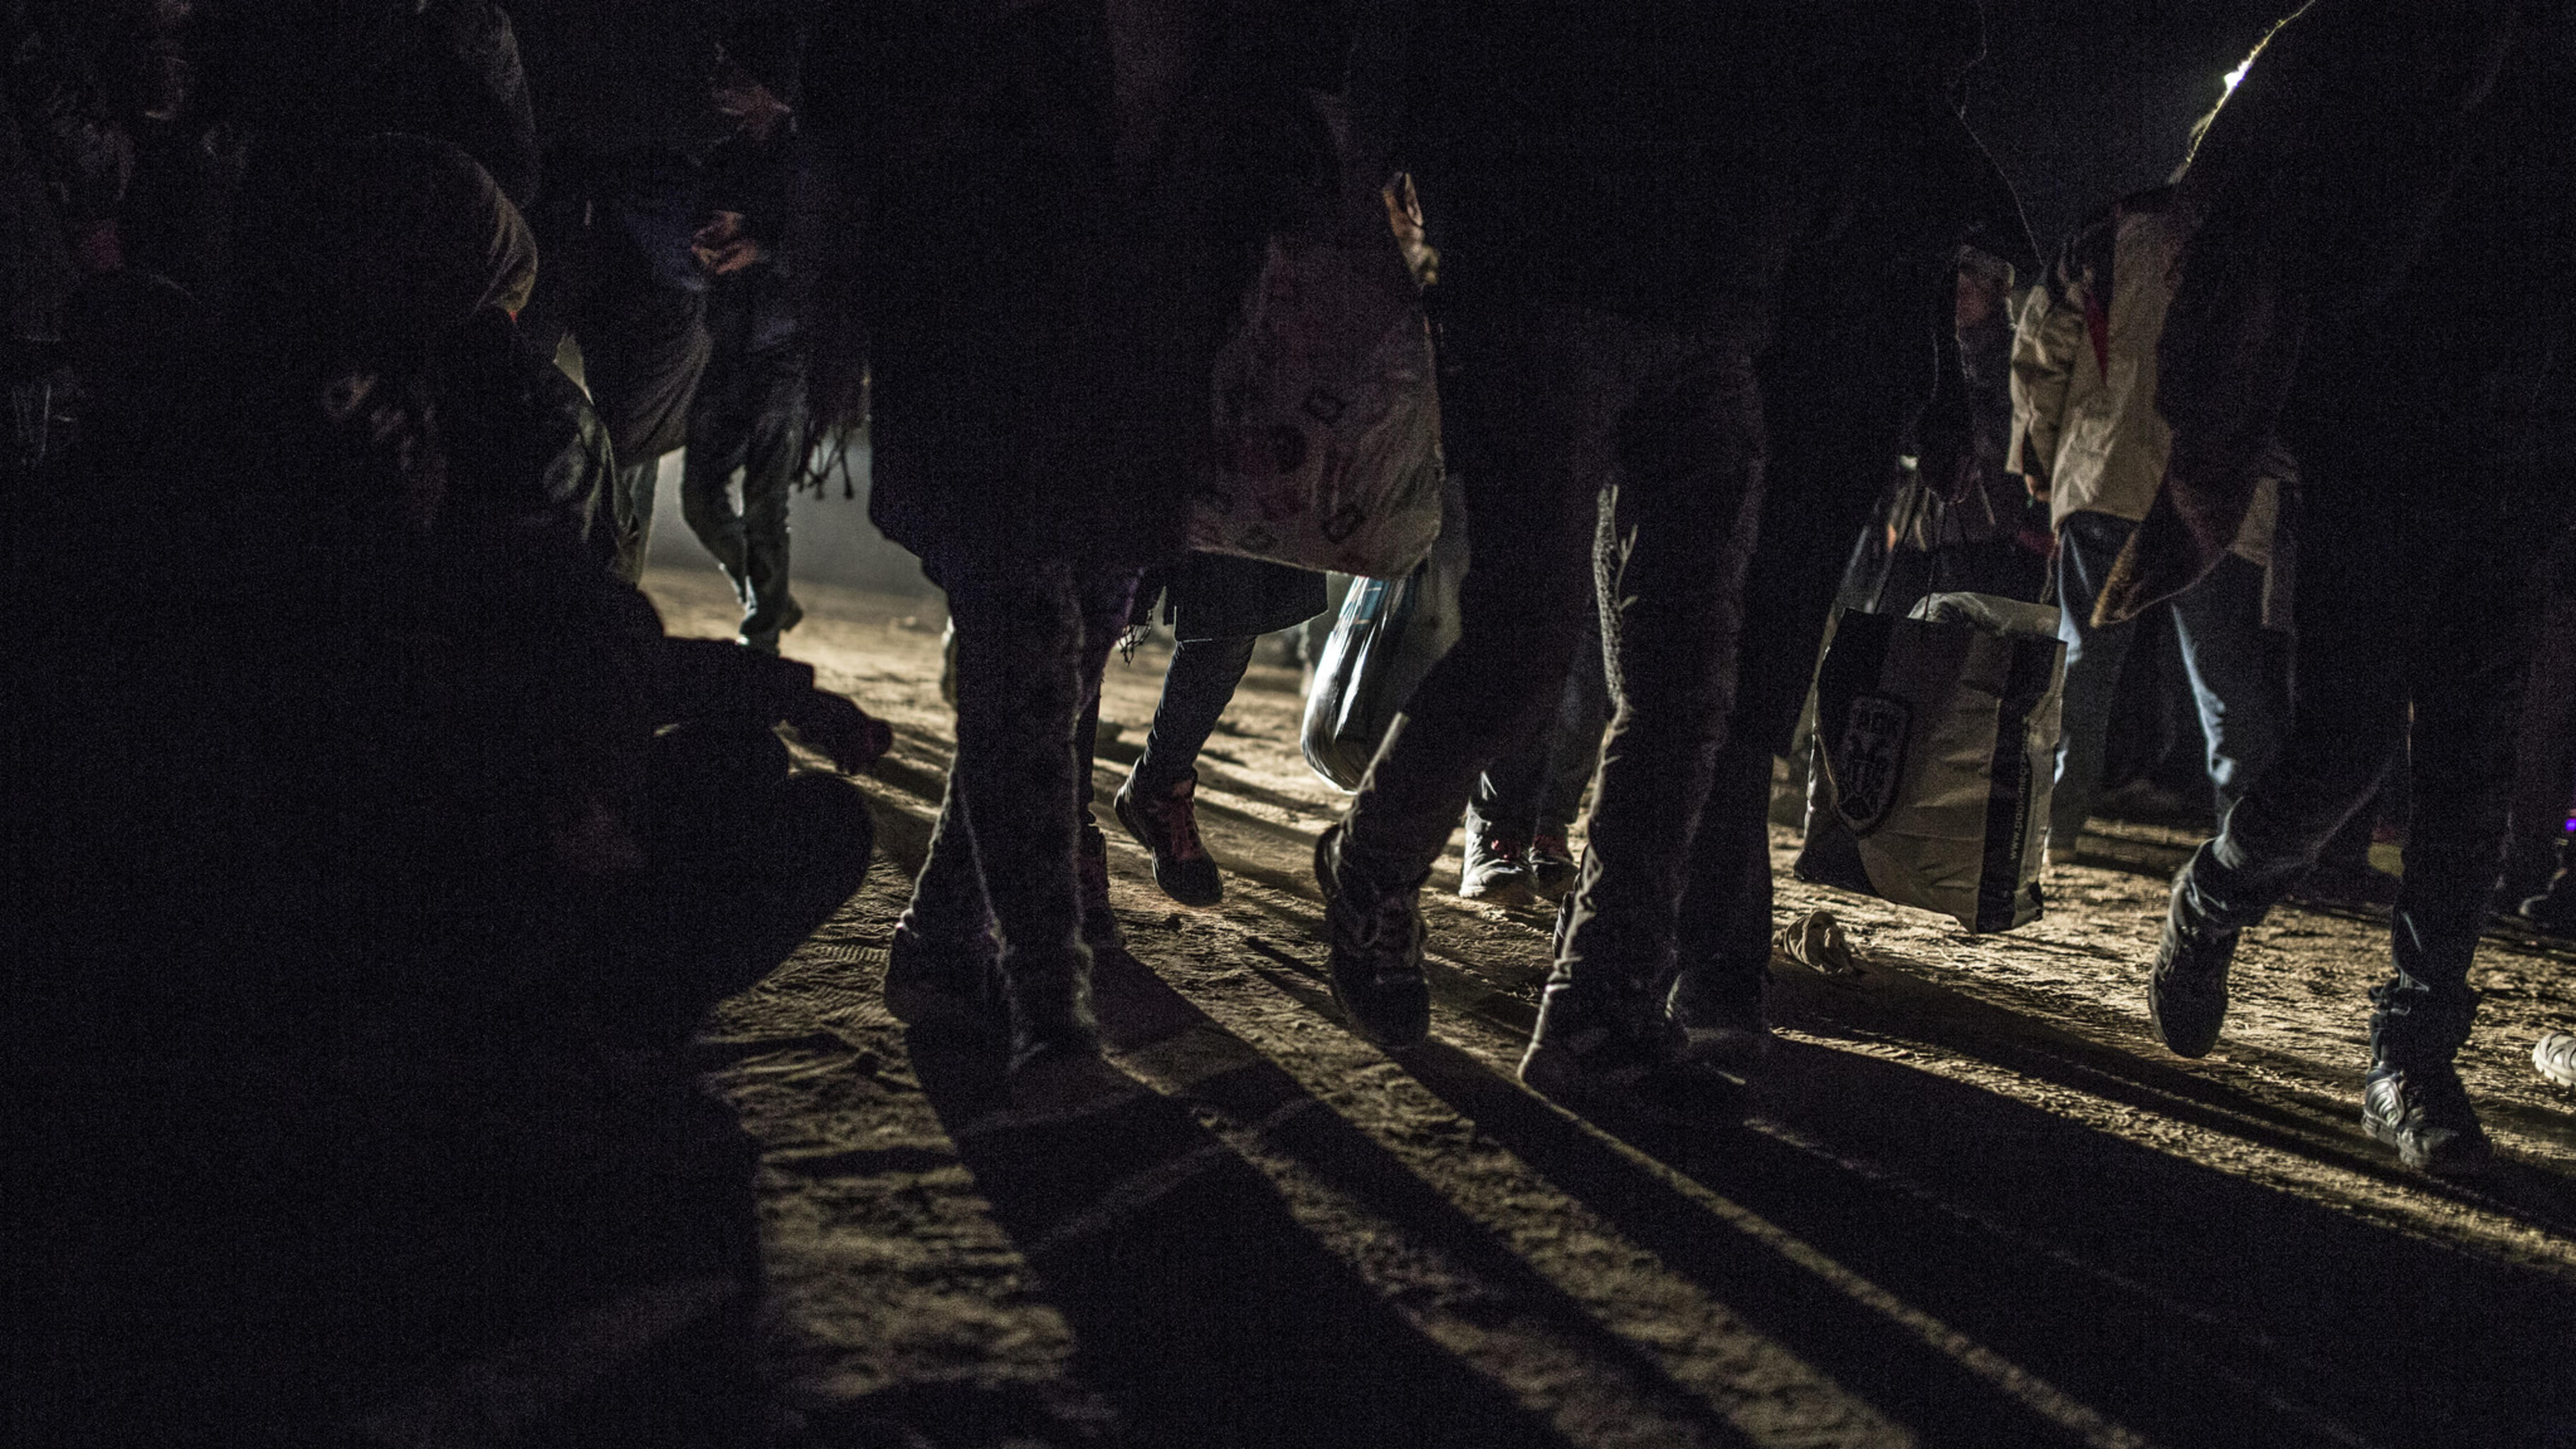 Flüchtlinge erreichen in der Nacht die Grenze zu Serbien